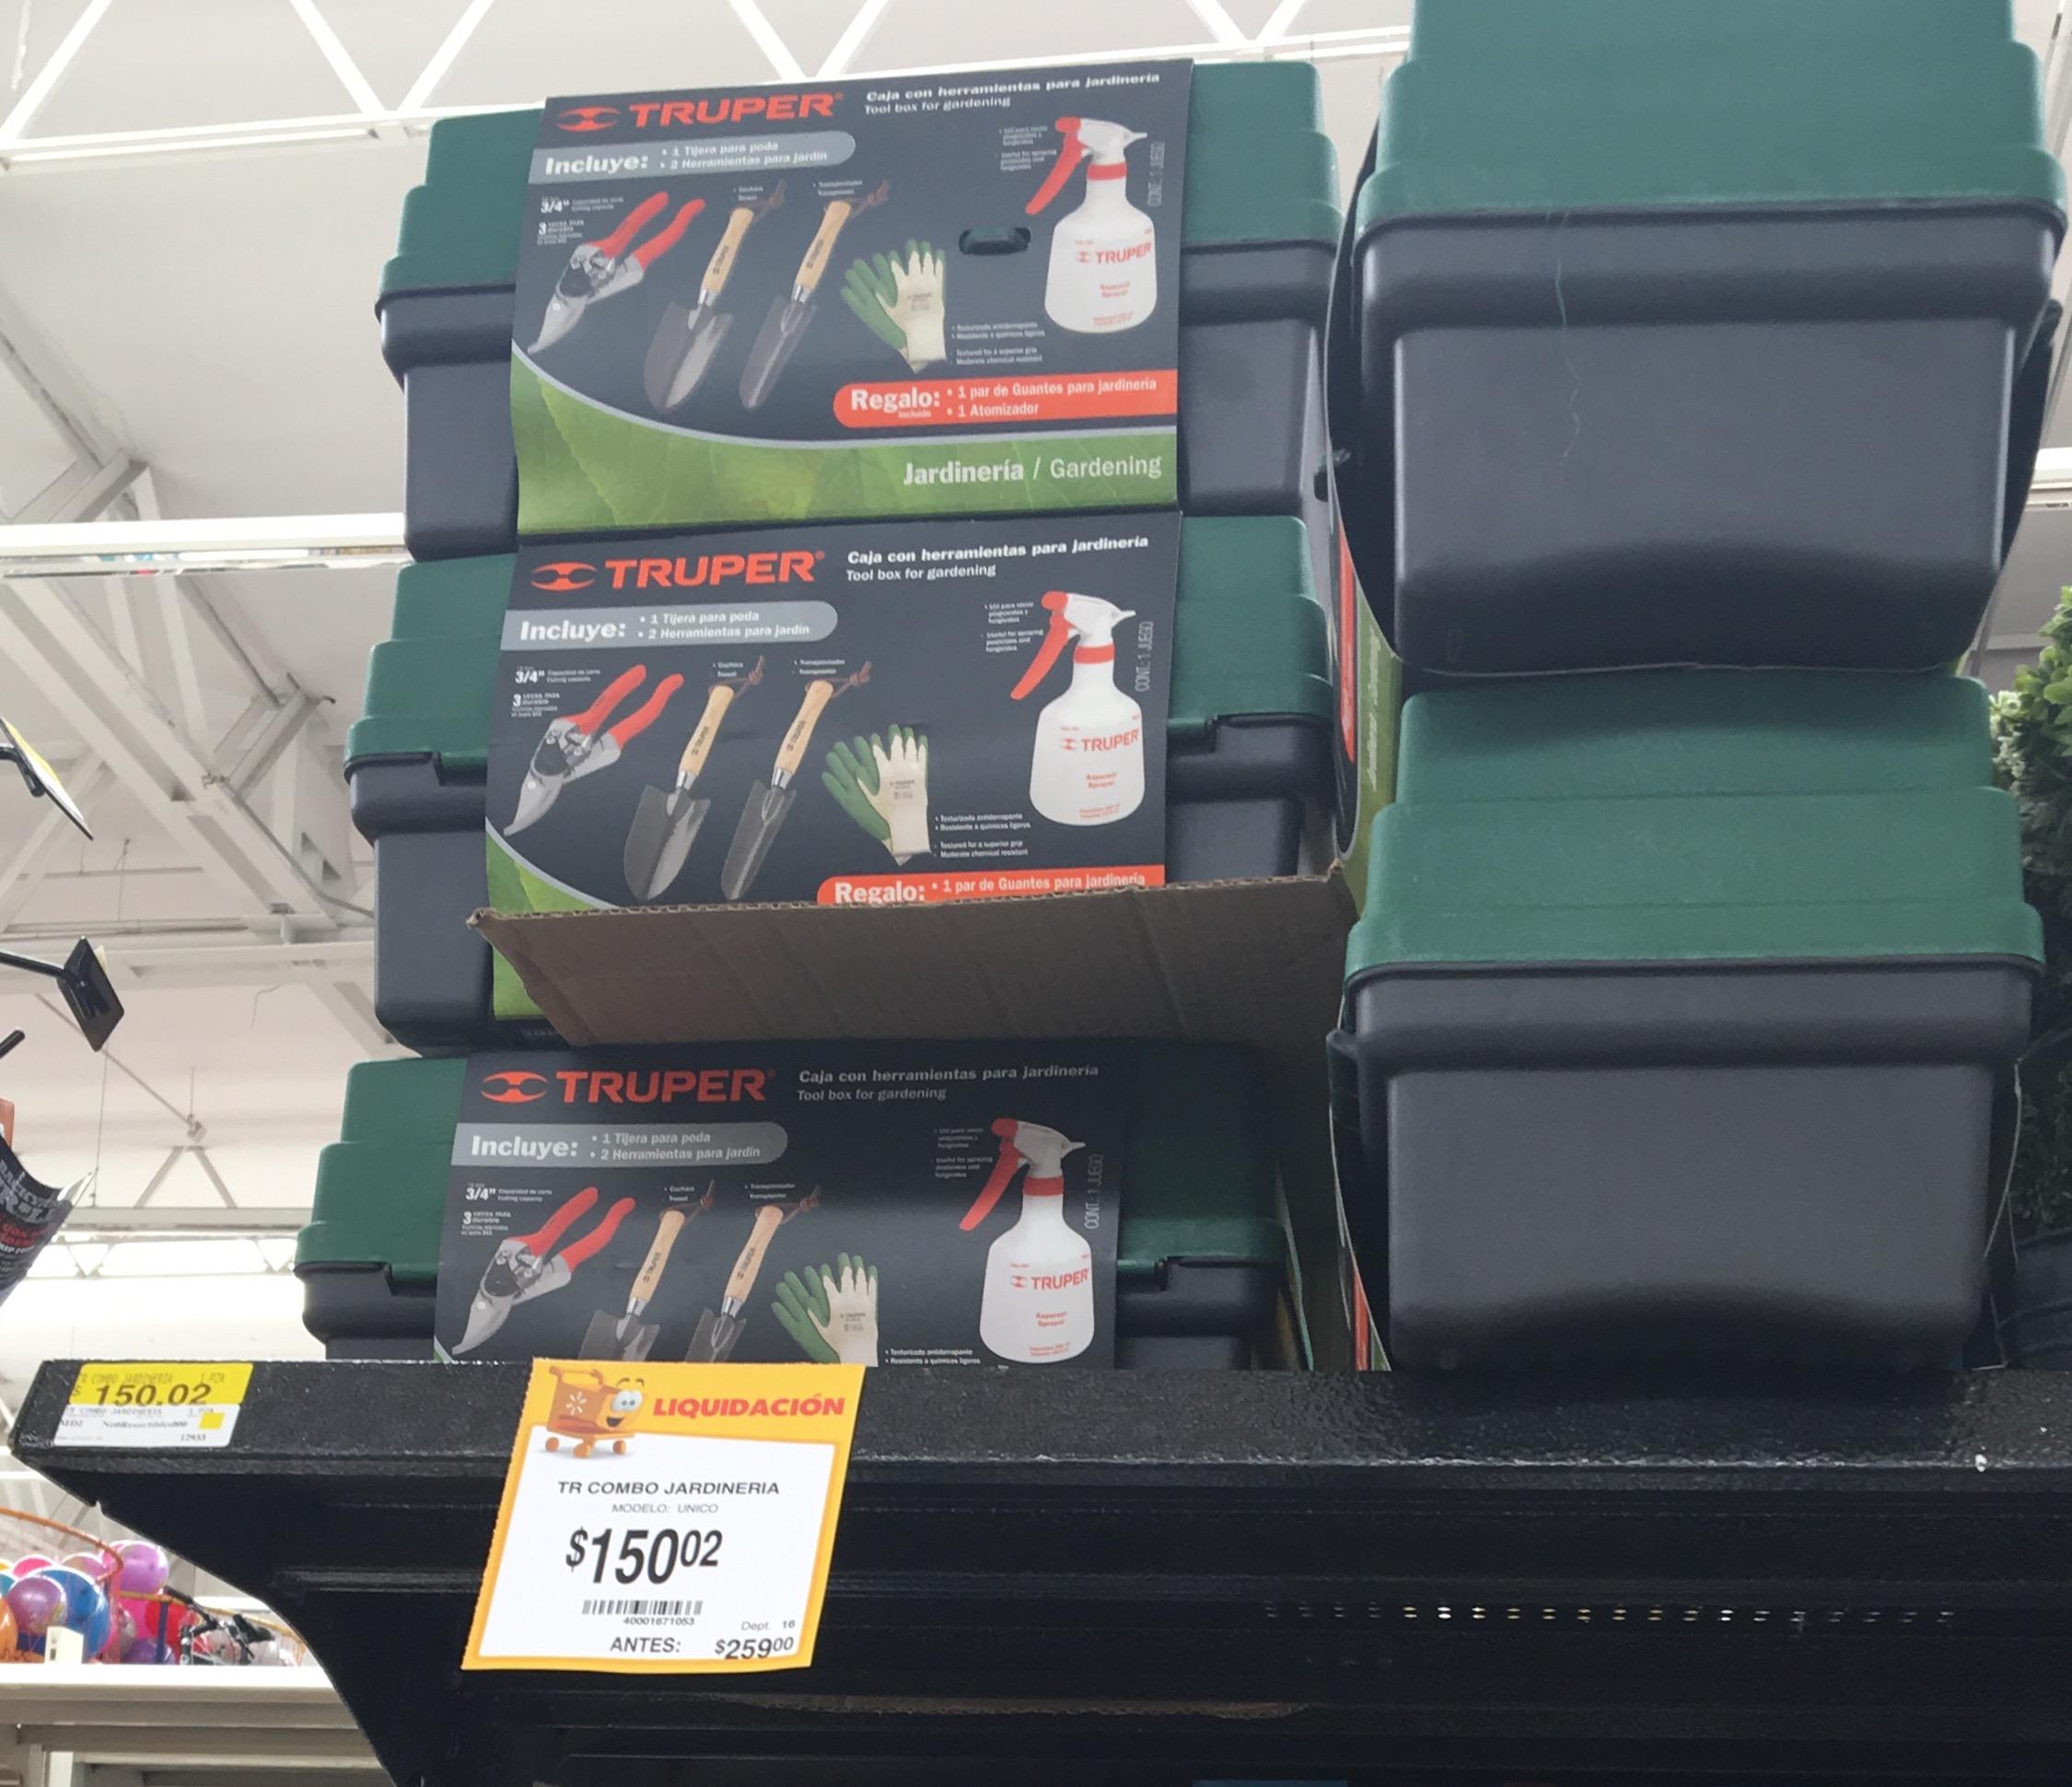 Walmart Tasqueña: caja con herramientas para jardinería marca TRUPER